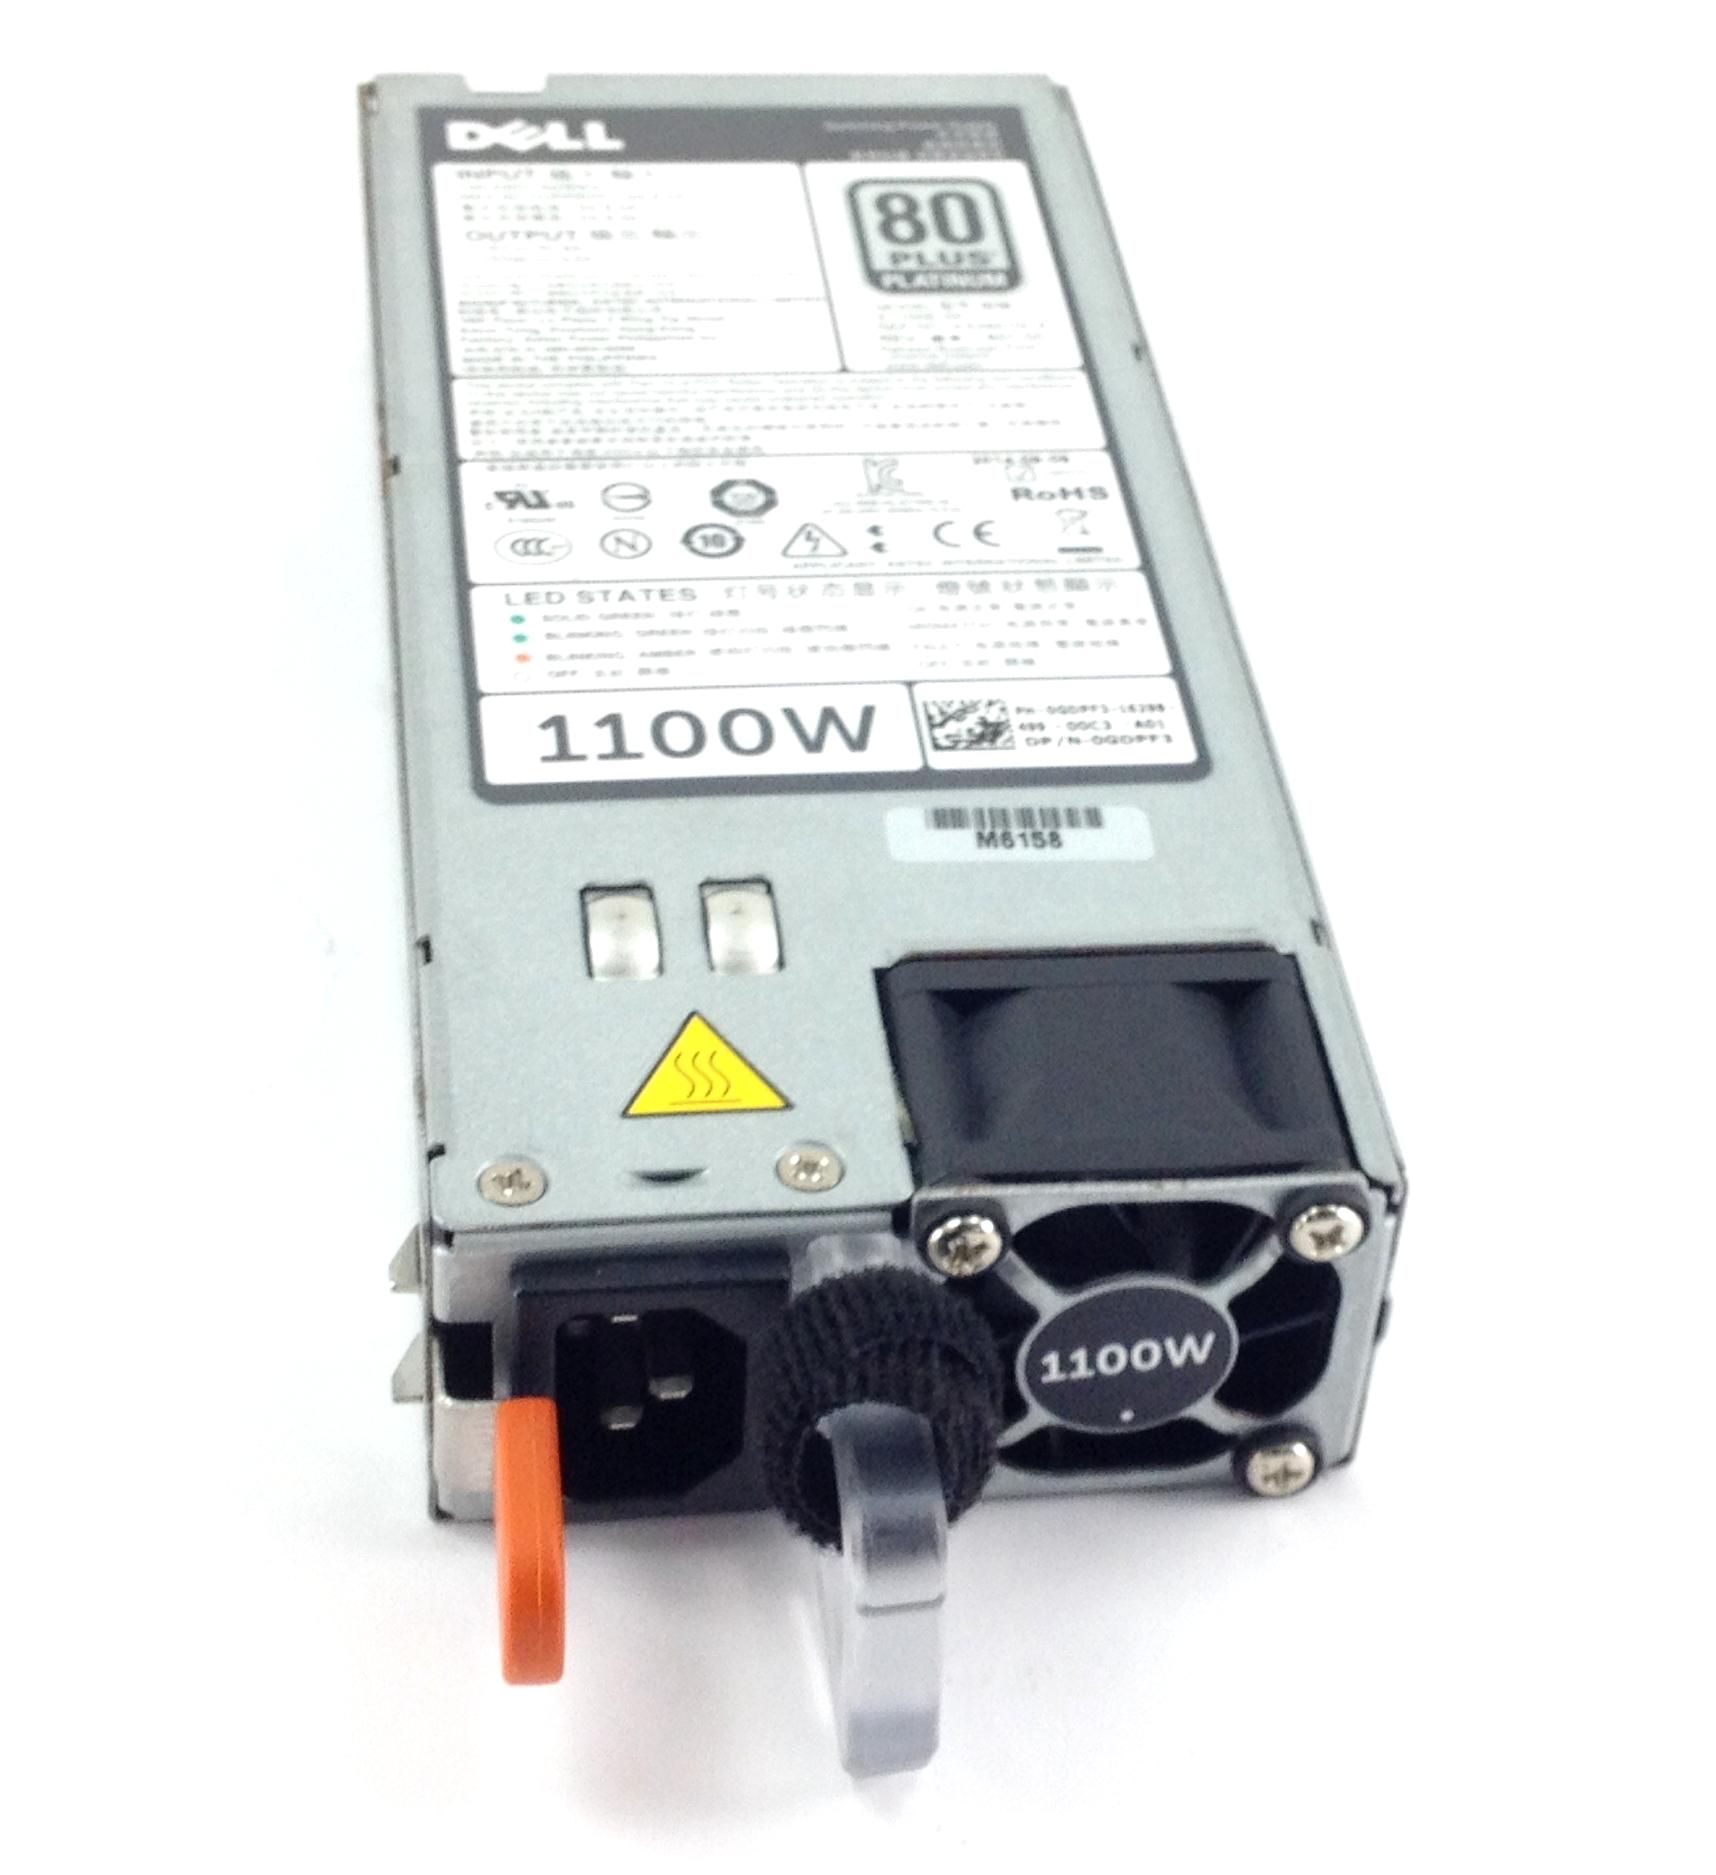 Dell PowerEdge 1100W R520 R620 R720 R720XD PSU Power Supply (GDPF3)